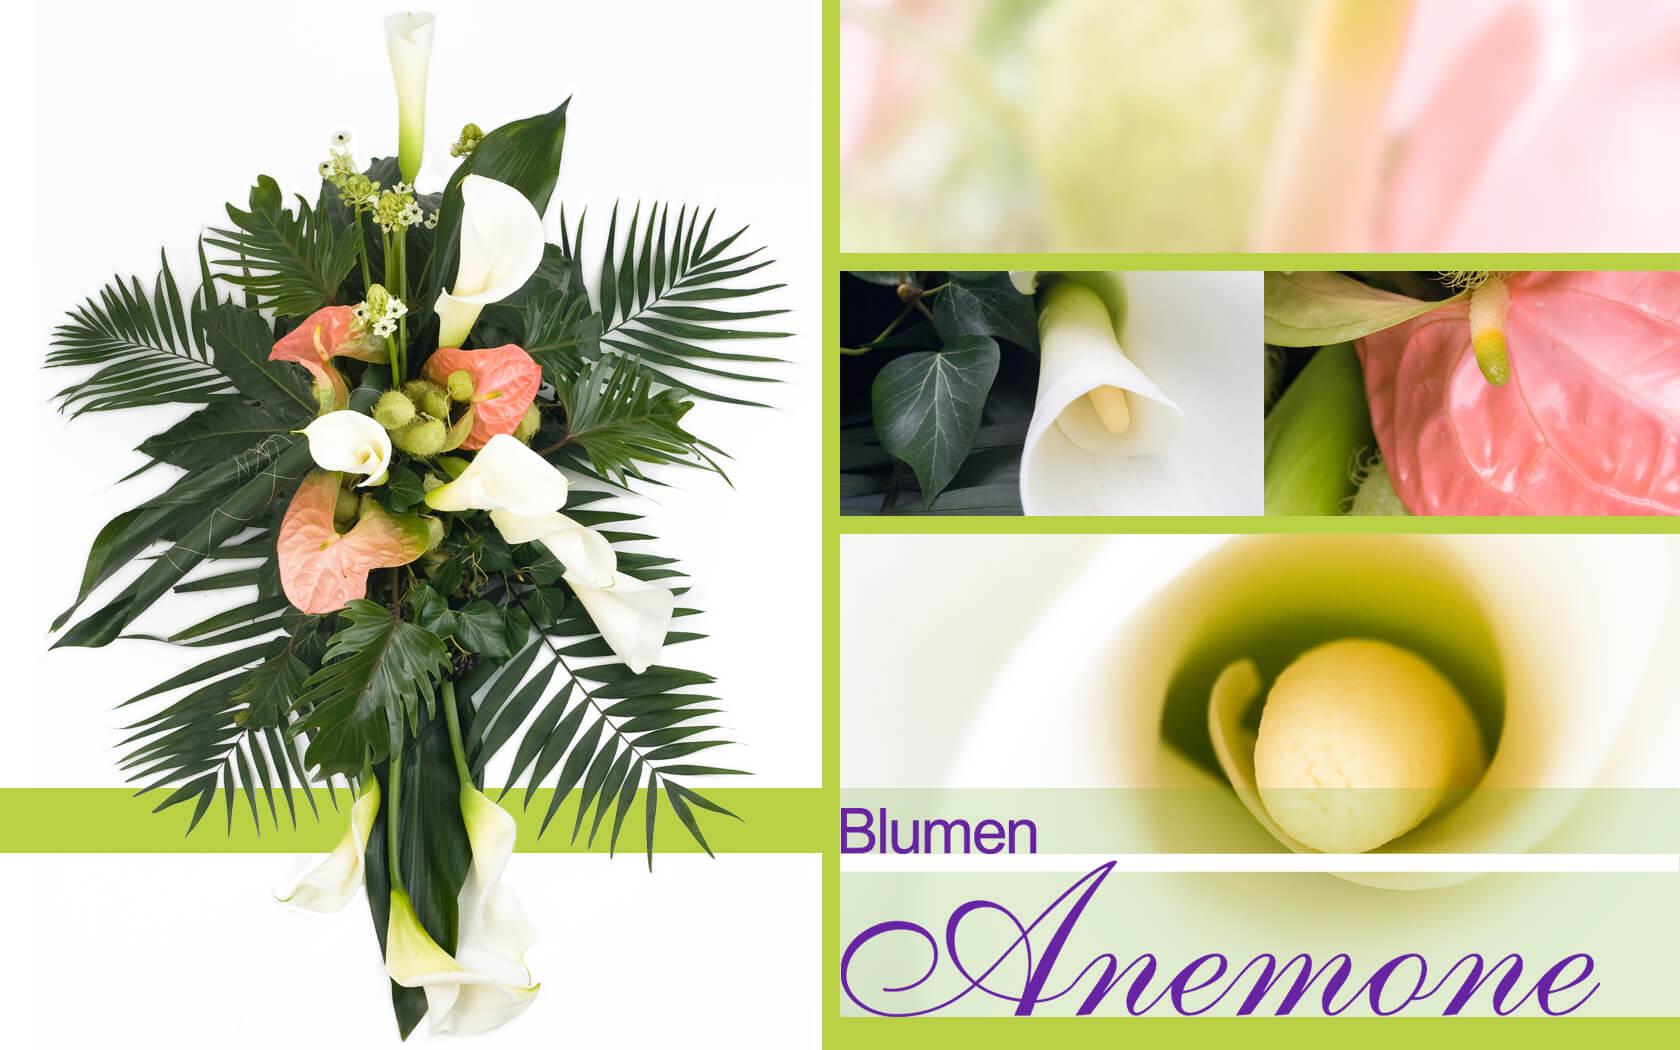 Blumen Anemone Mnchen  Ihr Florist in MnchenSendling